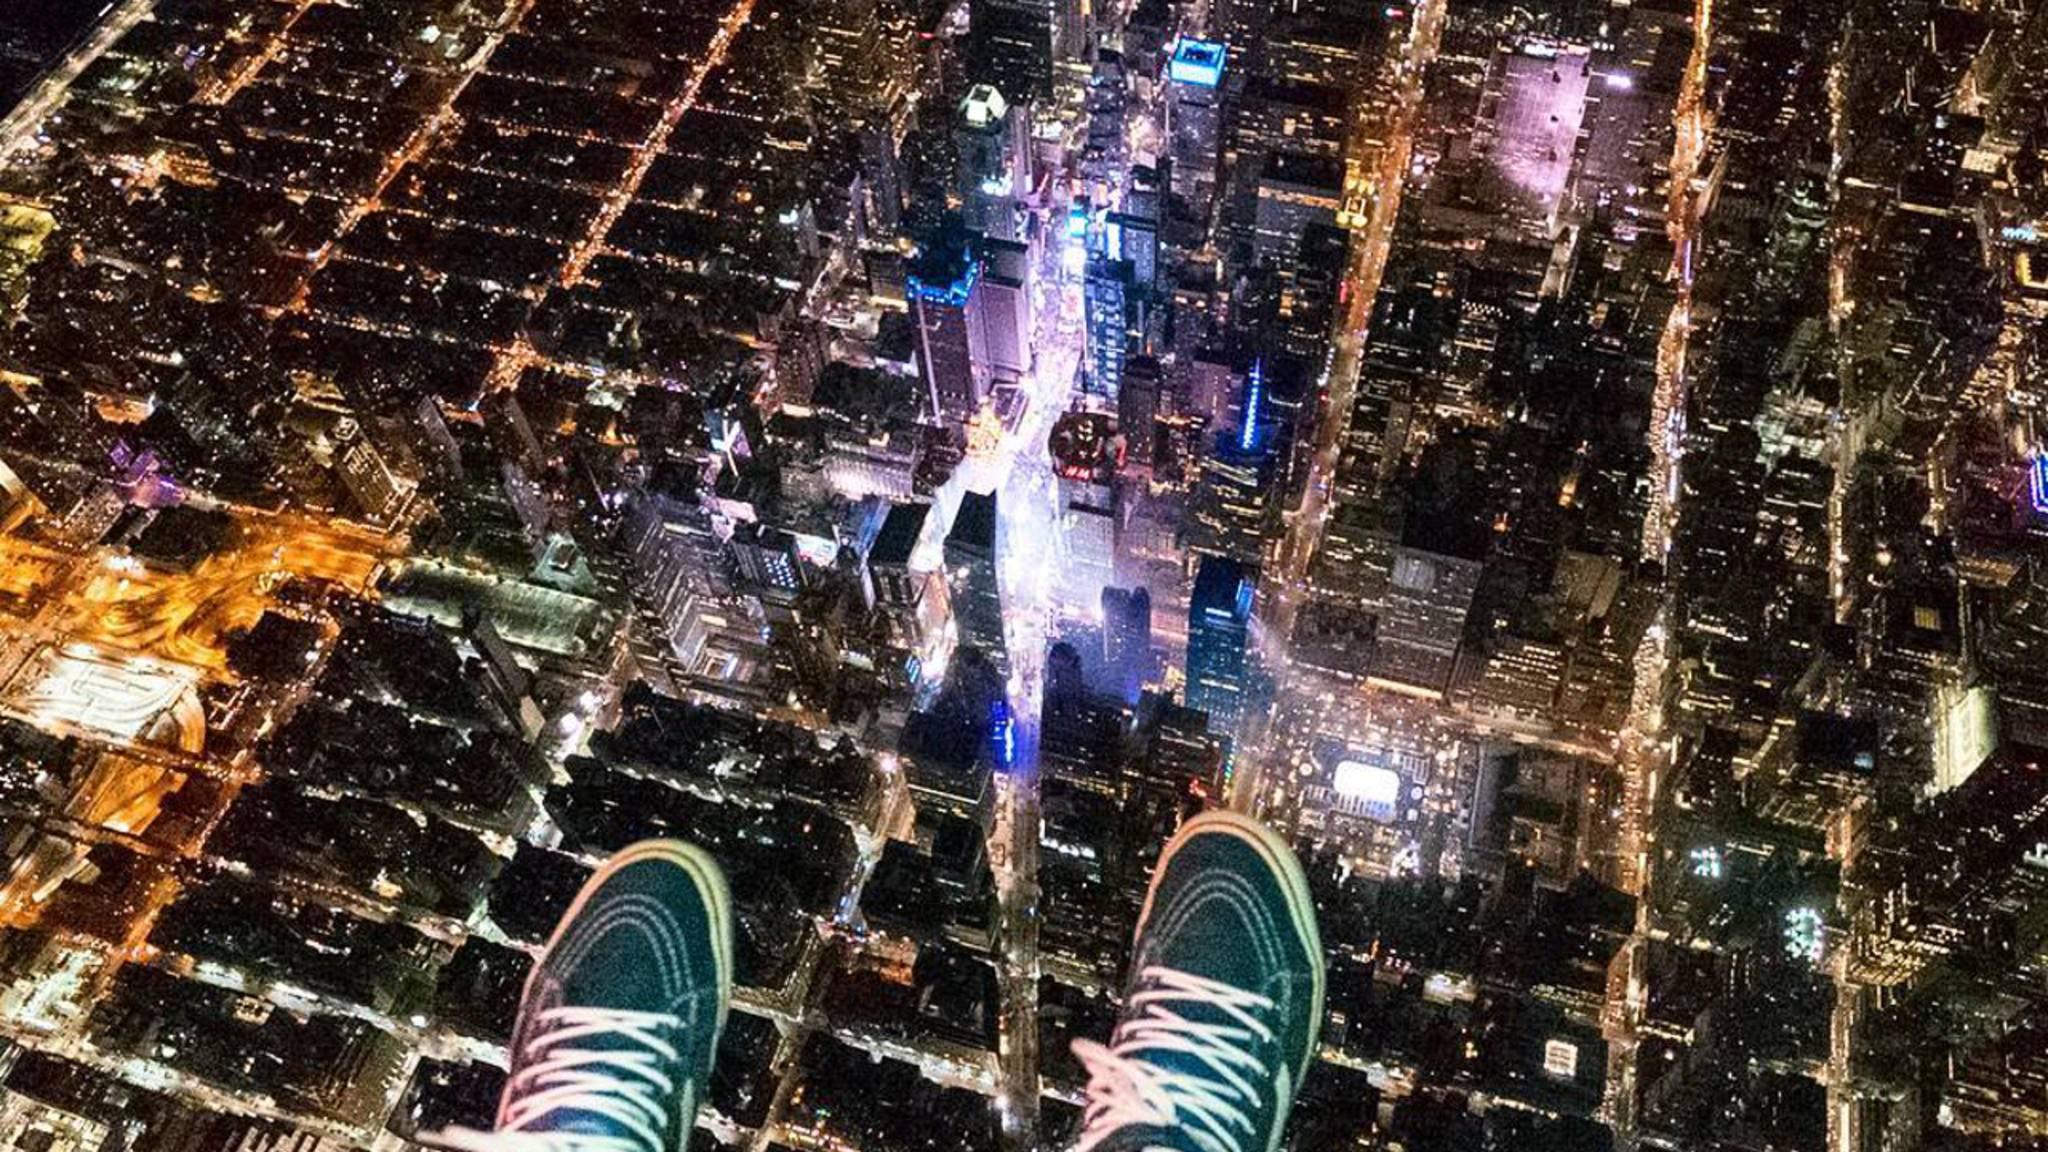 Die Luftaufnahmen entstanden bei der Silvesterfeier 2017 am Times Square.